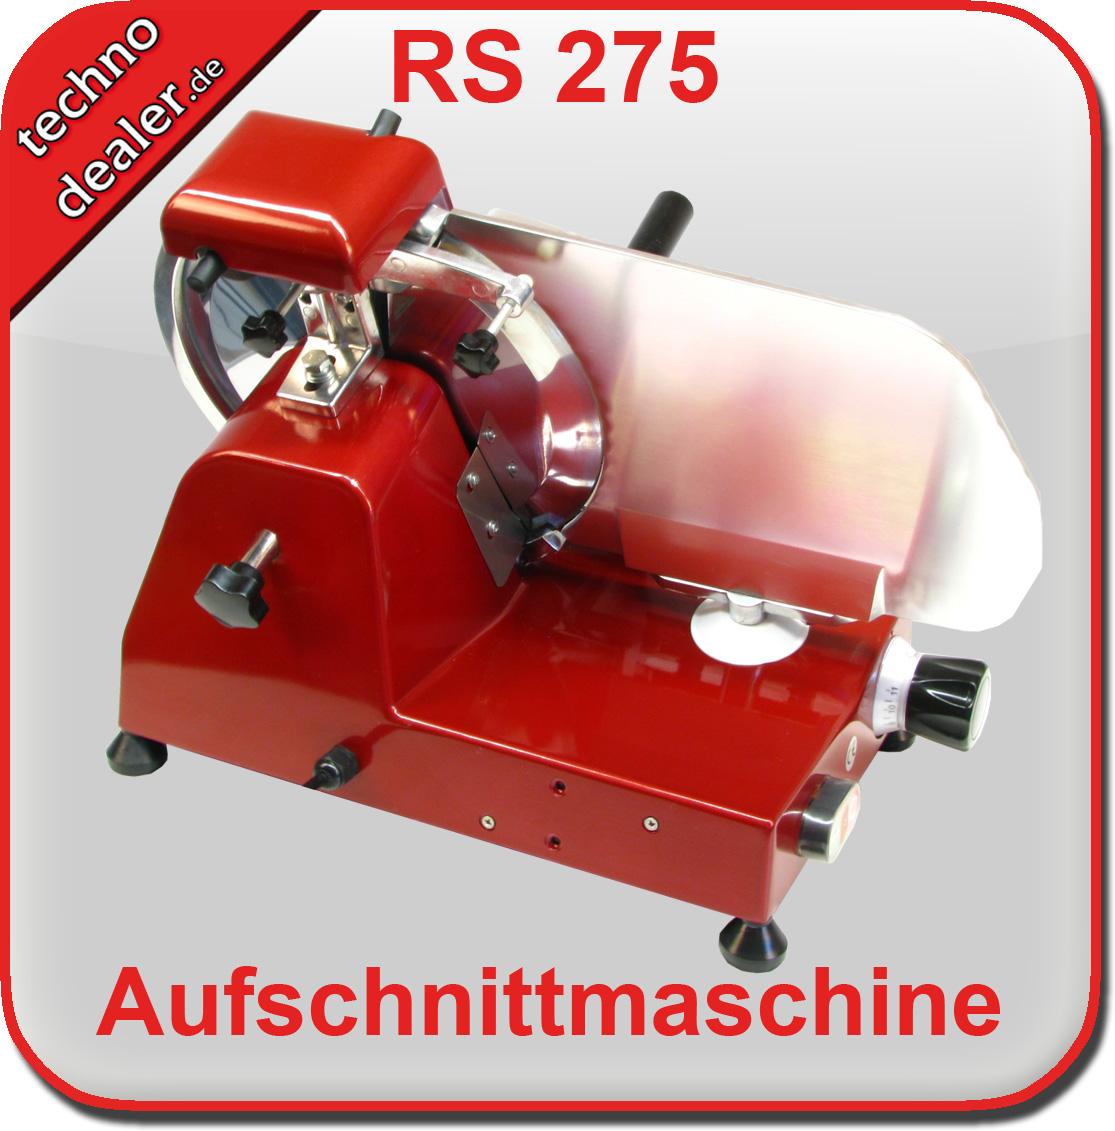 Aufschnittmaschine RS 275 rot